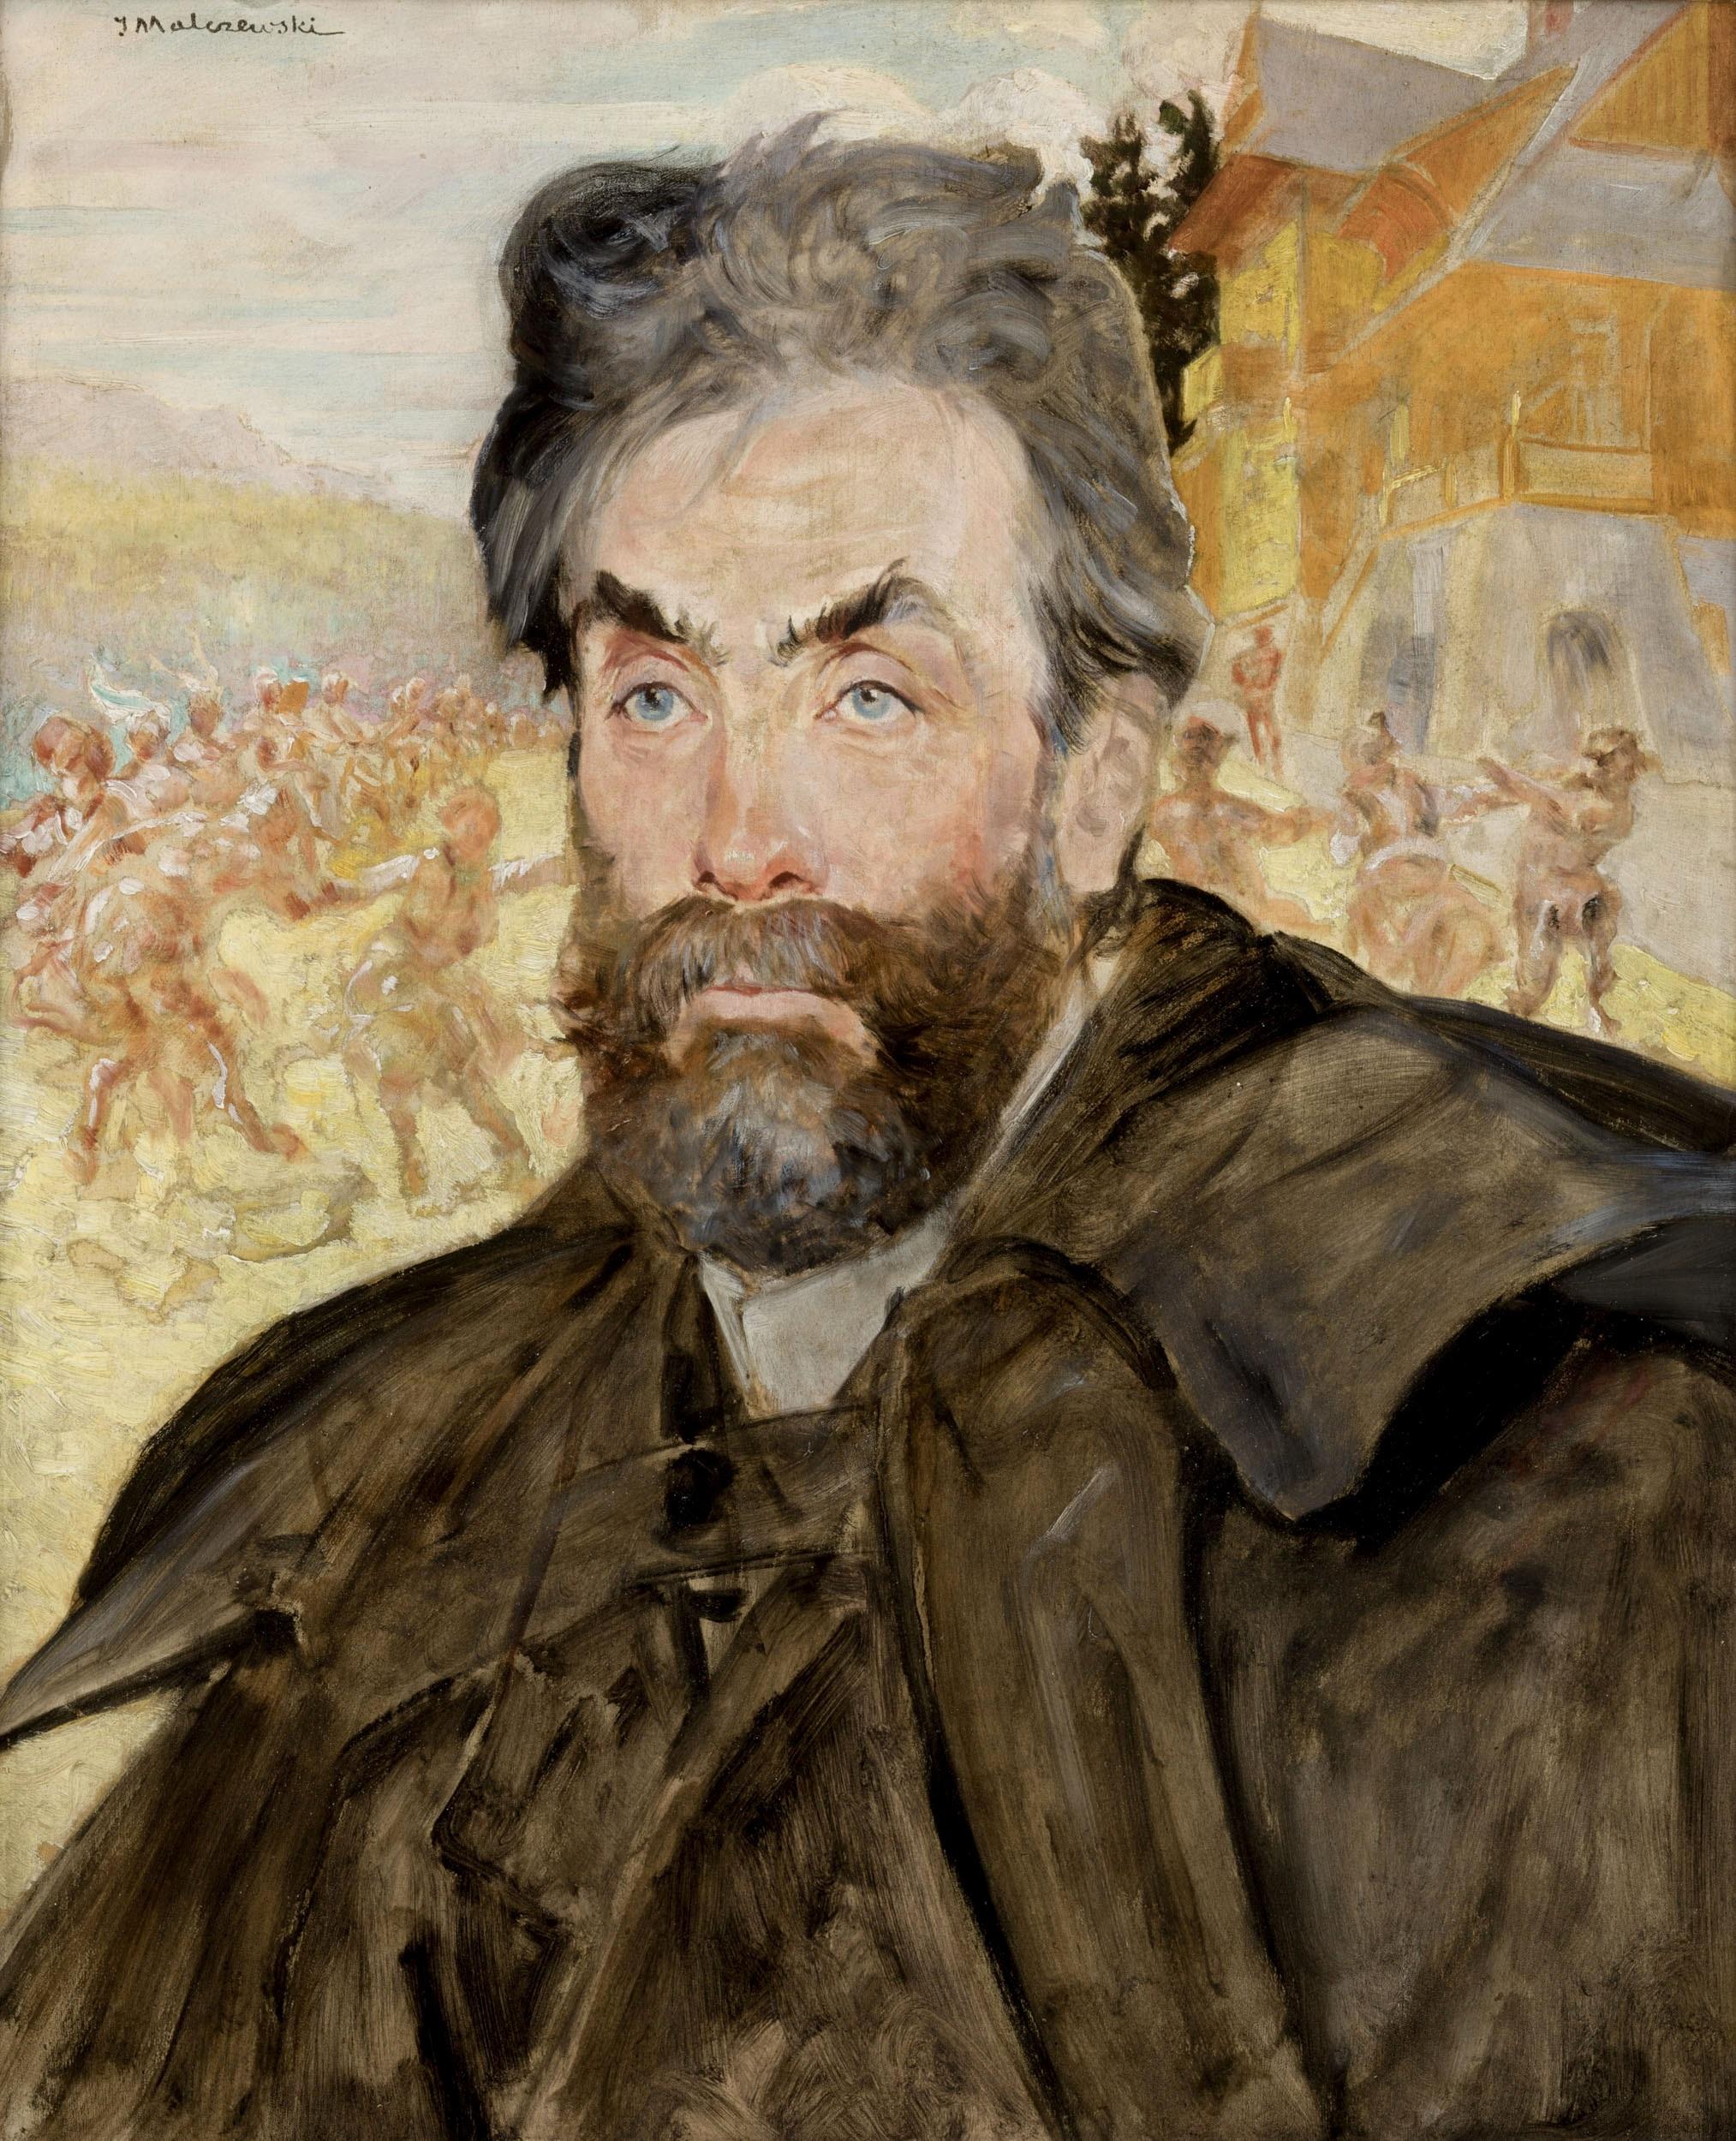 """Jacek Malczewski (1854-1929) """"Portret Stanisława Witkiewicza"""", 1897 rok, źródło: Muzeum Narodowe w Krakowie"""